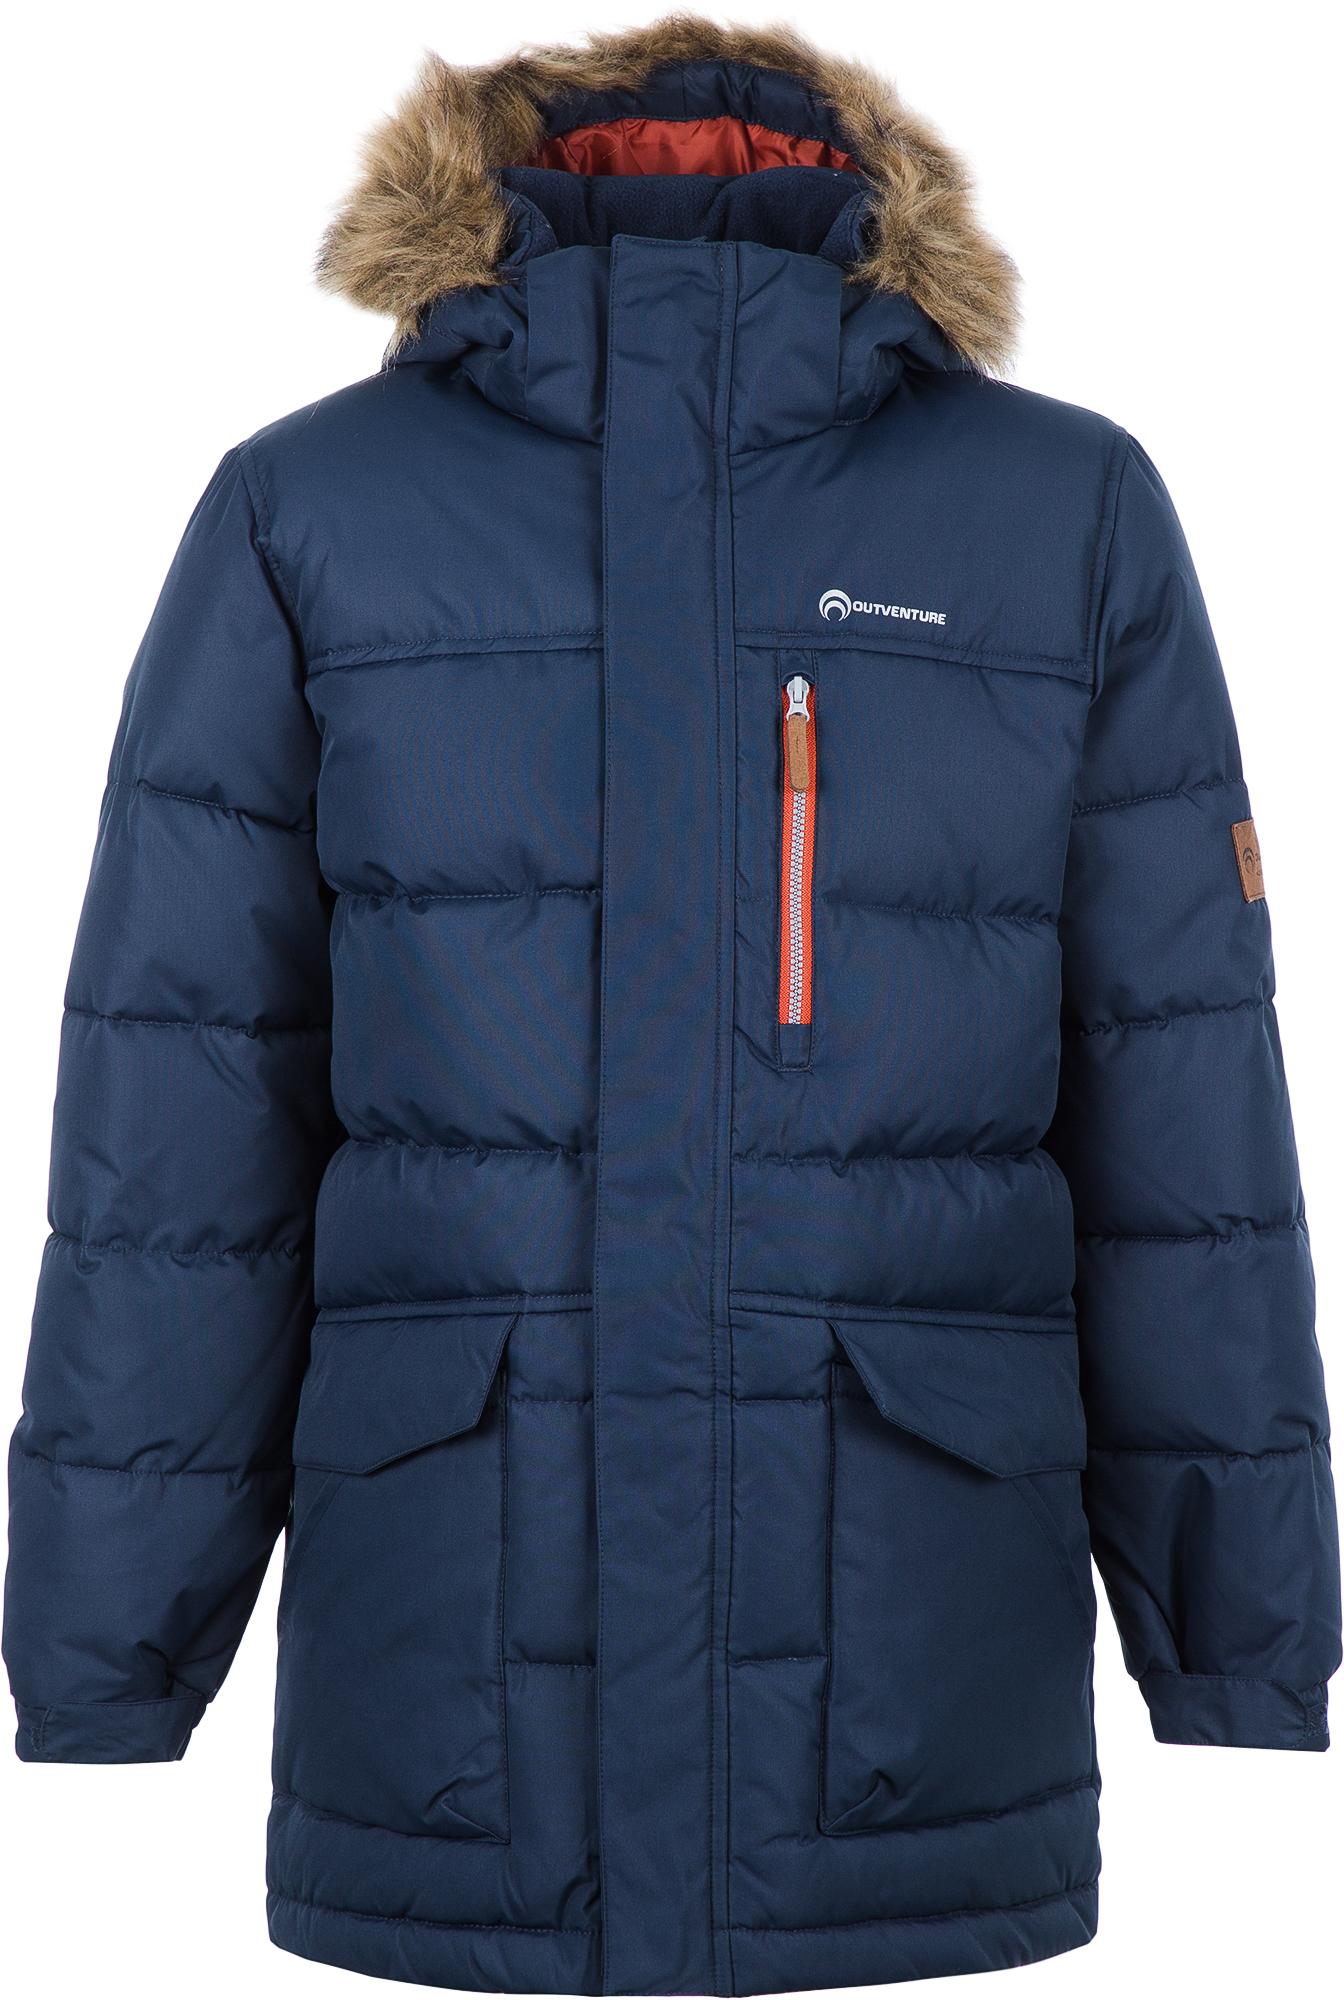 Outventure Куртка пуховая для мальчиков Outventure, размер 170 цена и фото